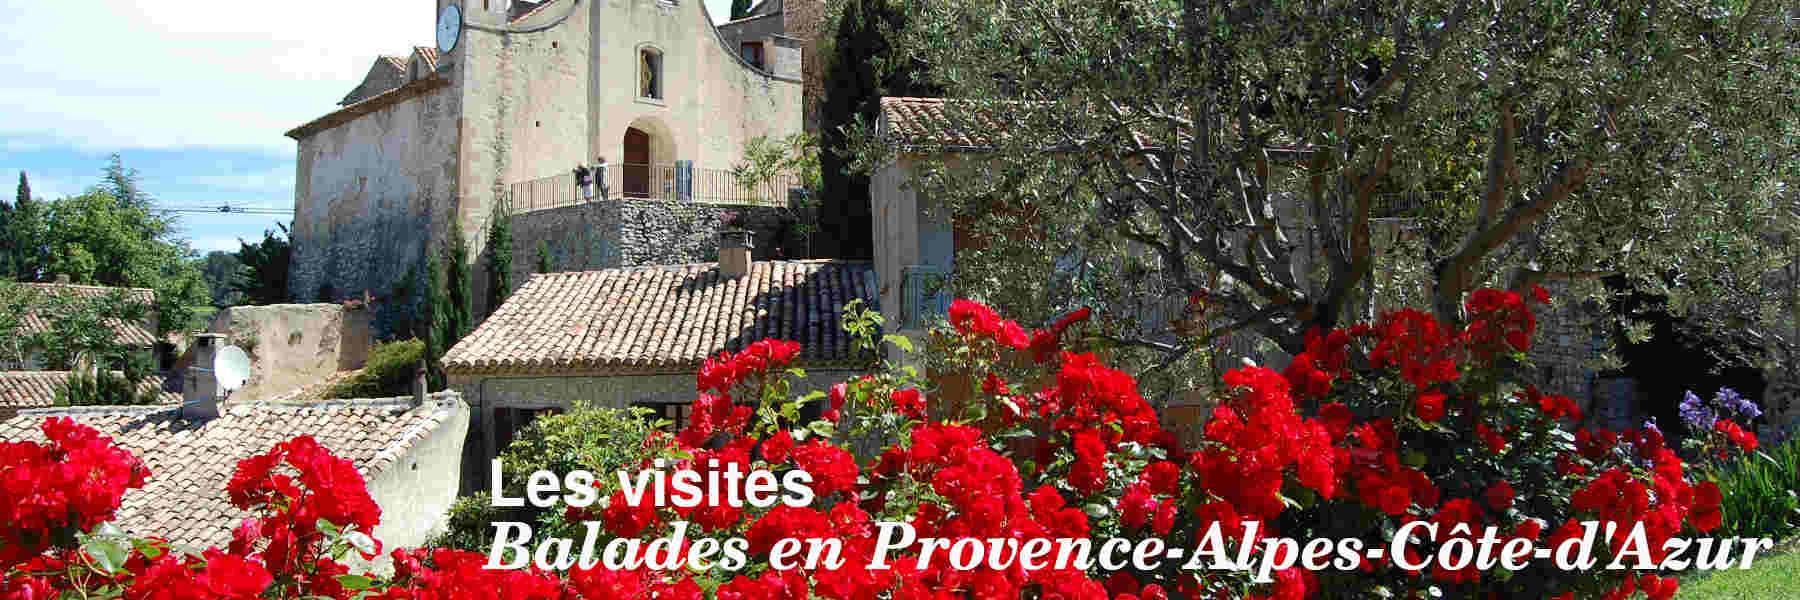 Visites en Provence-Alpes-Côte d'Azur